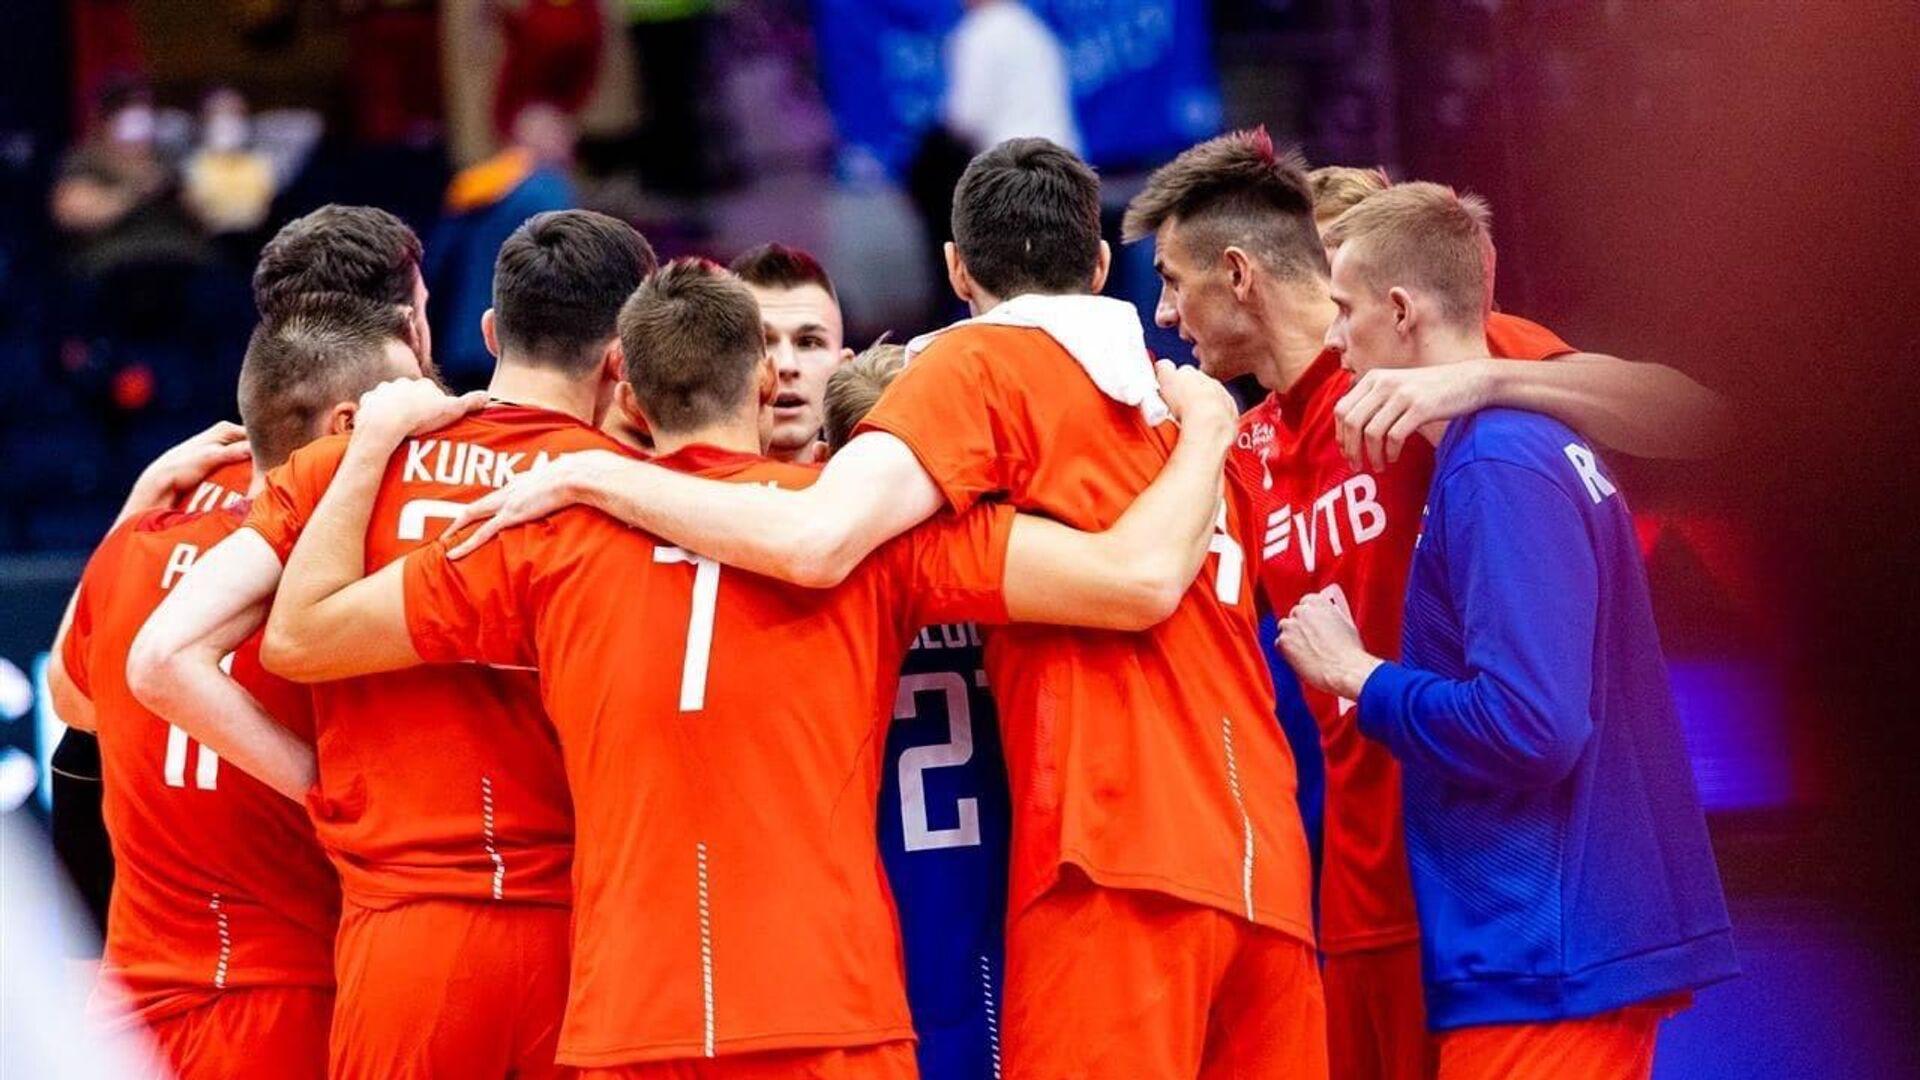 Сборная России по волейболу сыграет с командами Сербии, Пуэрто-Рико и Туниса на ЧМ